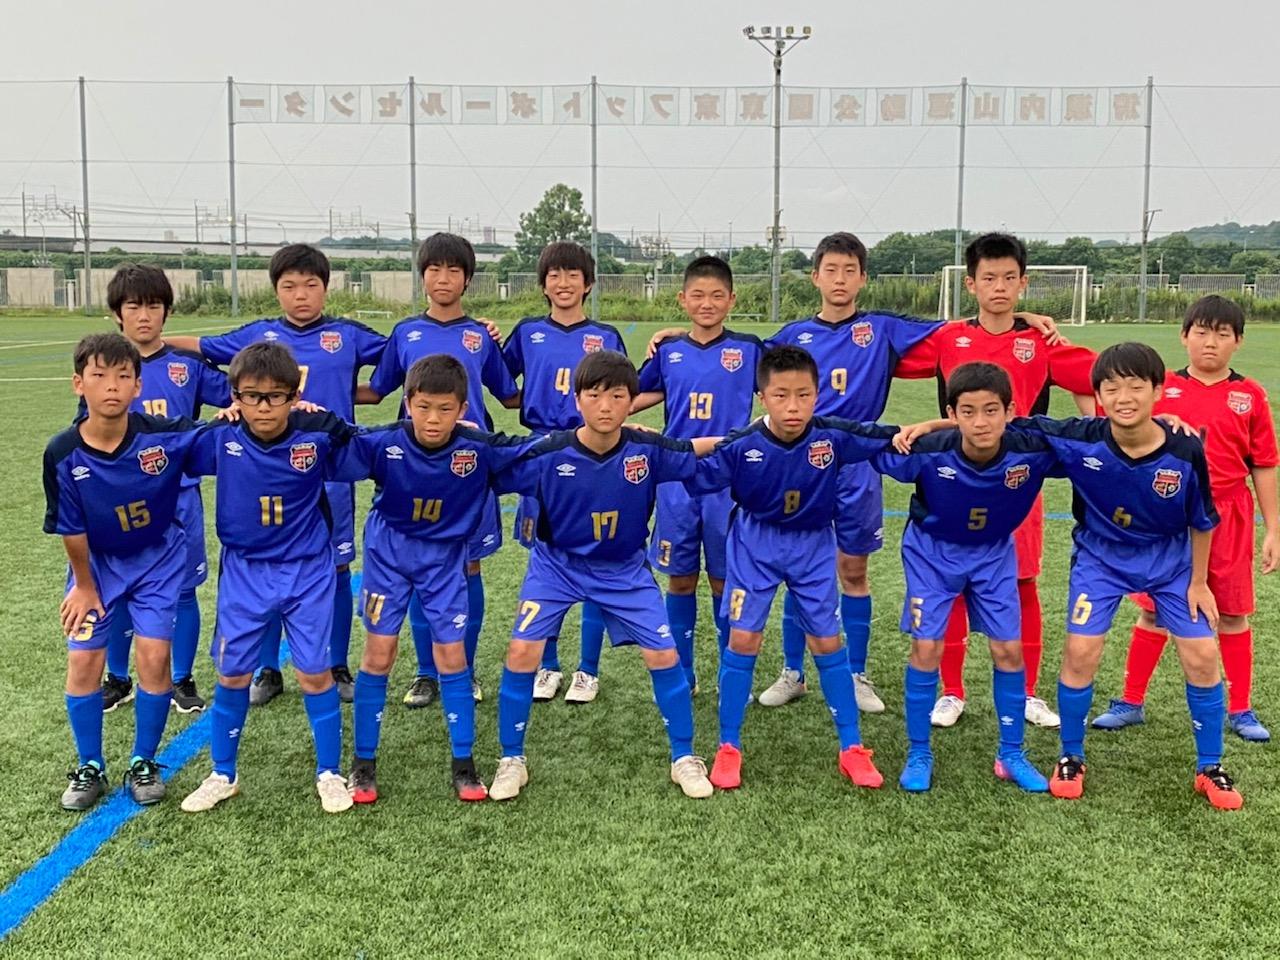 サッカー 埼玉 2021年度高校サッカー関東大会 埼玉県予選